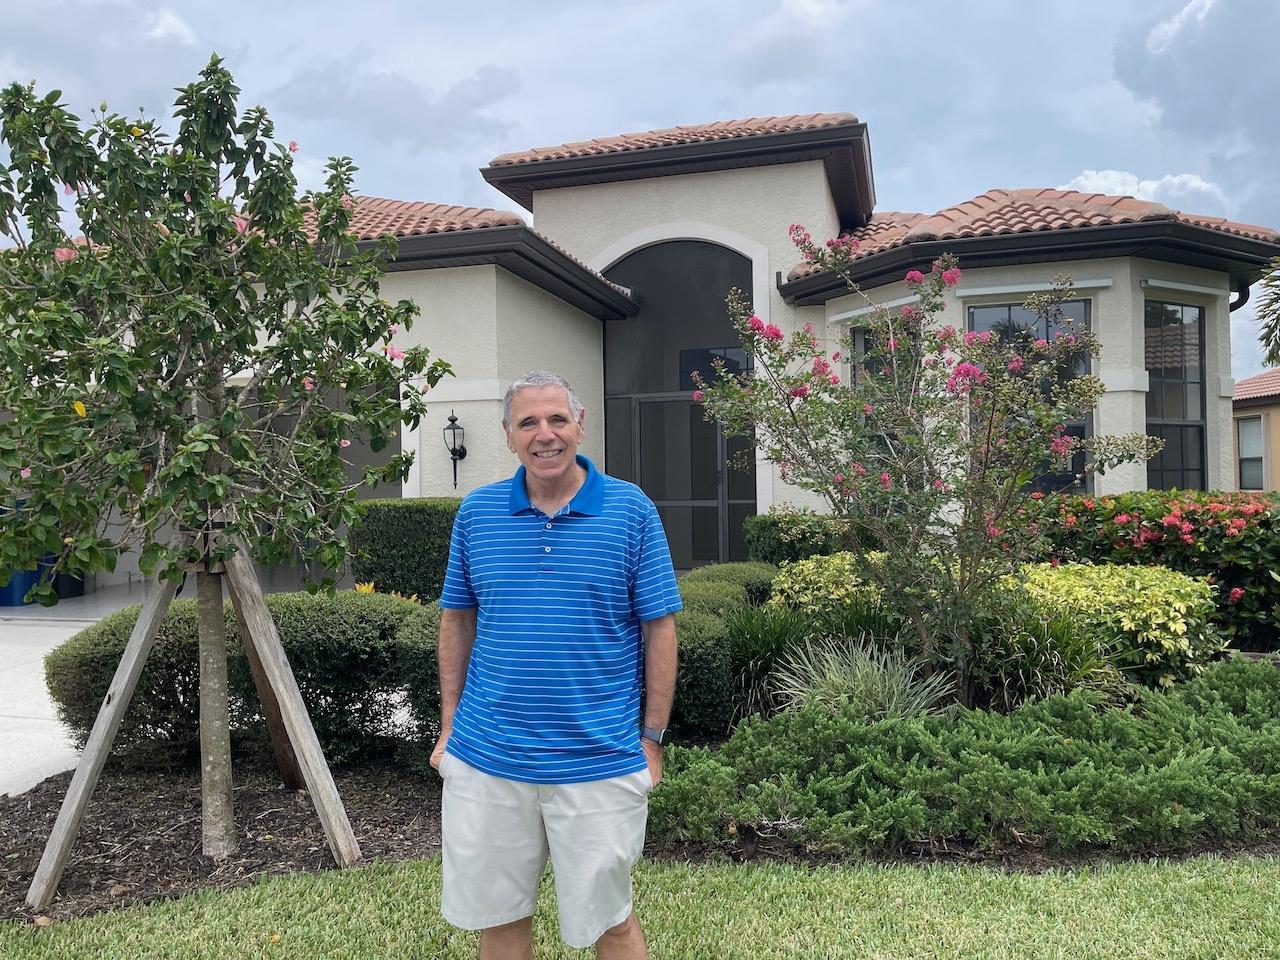 DOS Lists His Sarasota Home for Sale